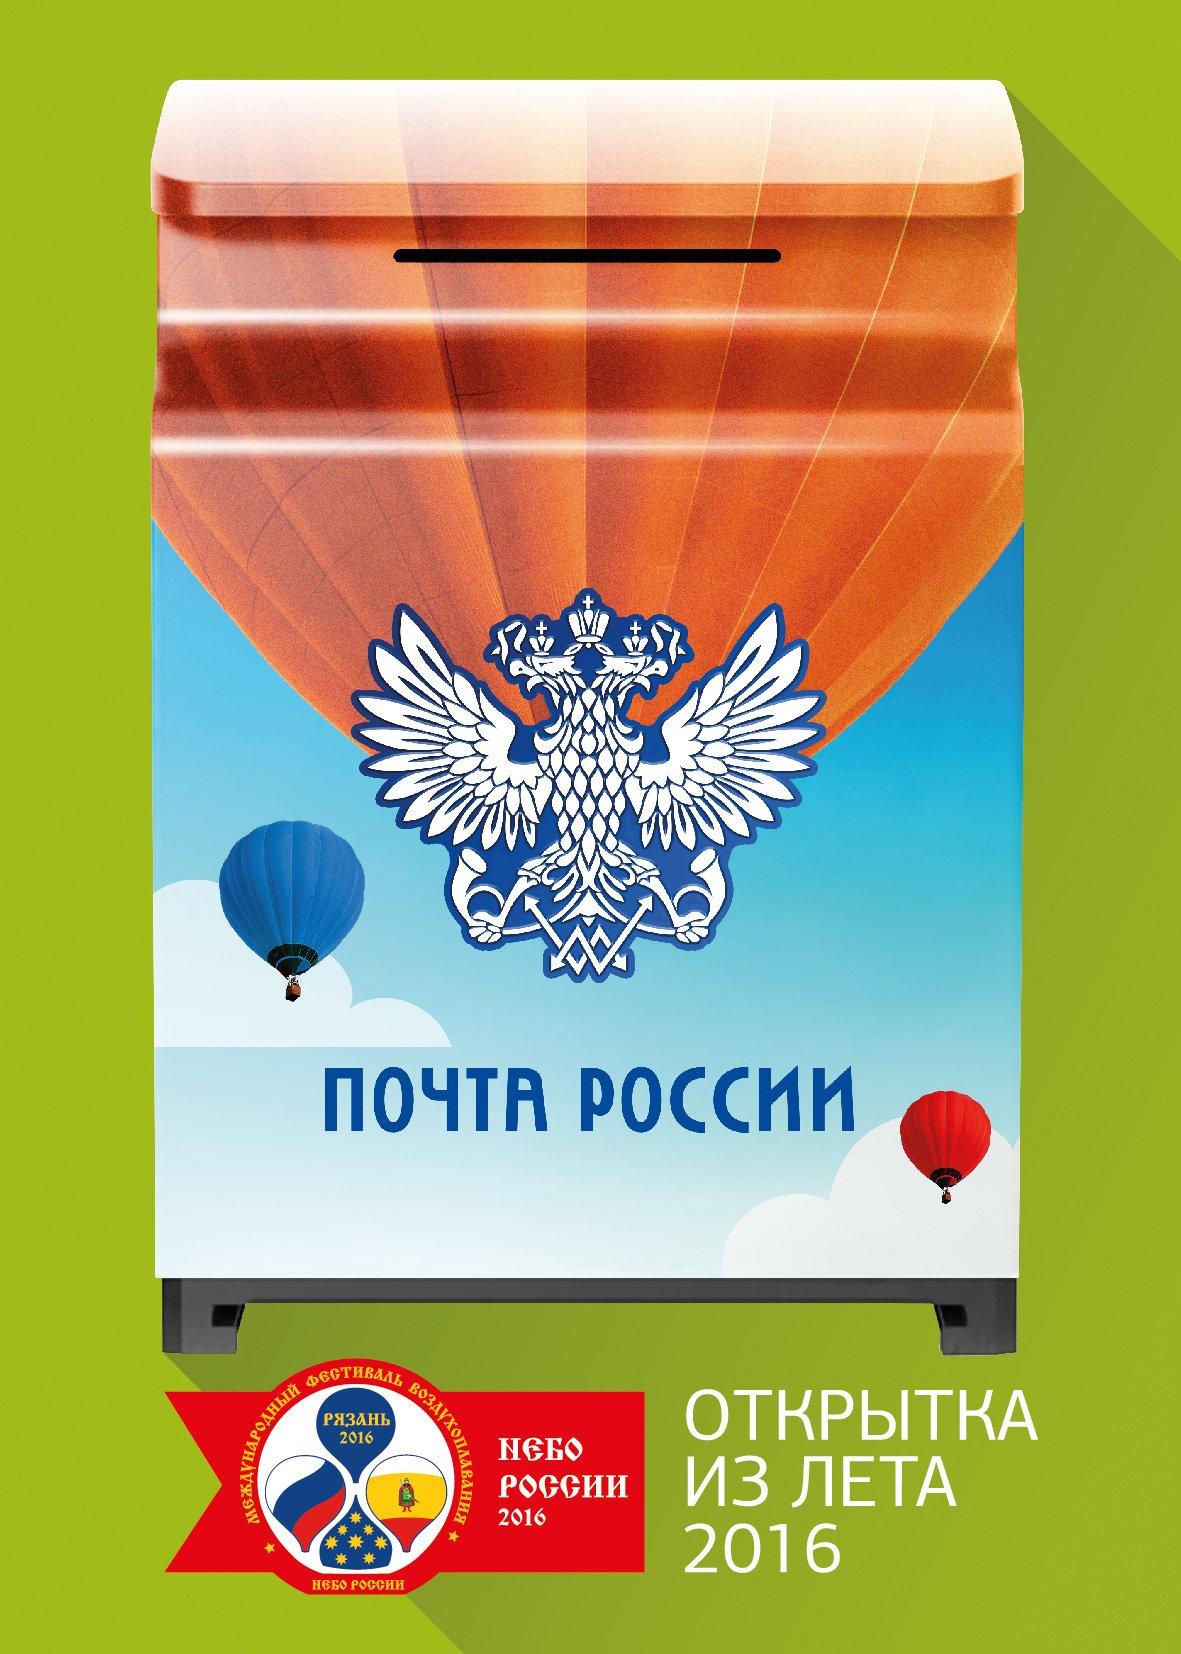 День полиции, открытки для почты россии